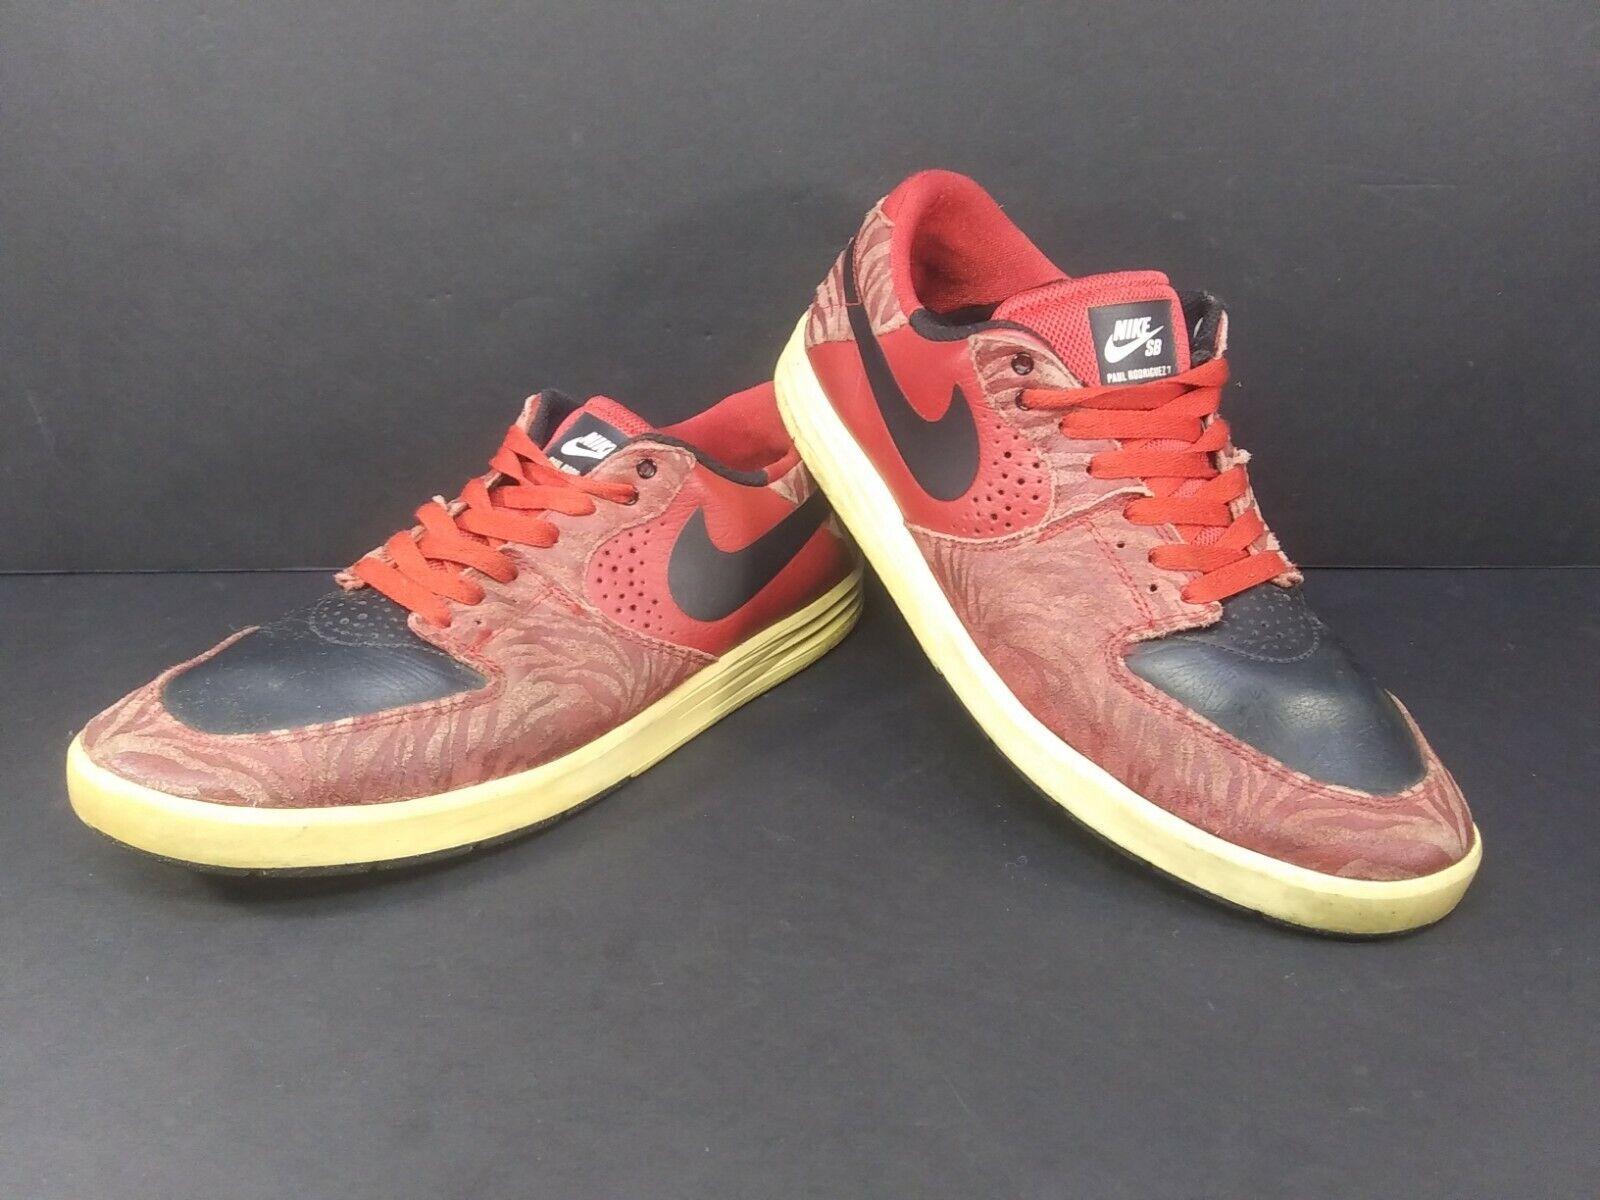 casado kiwi grano  Nike Retro SB Paul Rodriguez 7 Prem 599604-601 Zebra Print Sneaker Mens  Size 12 for sale online   eBay